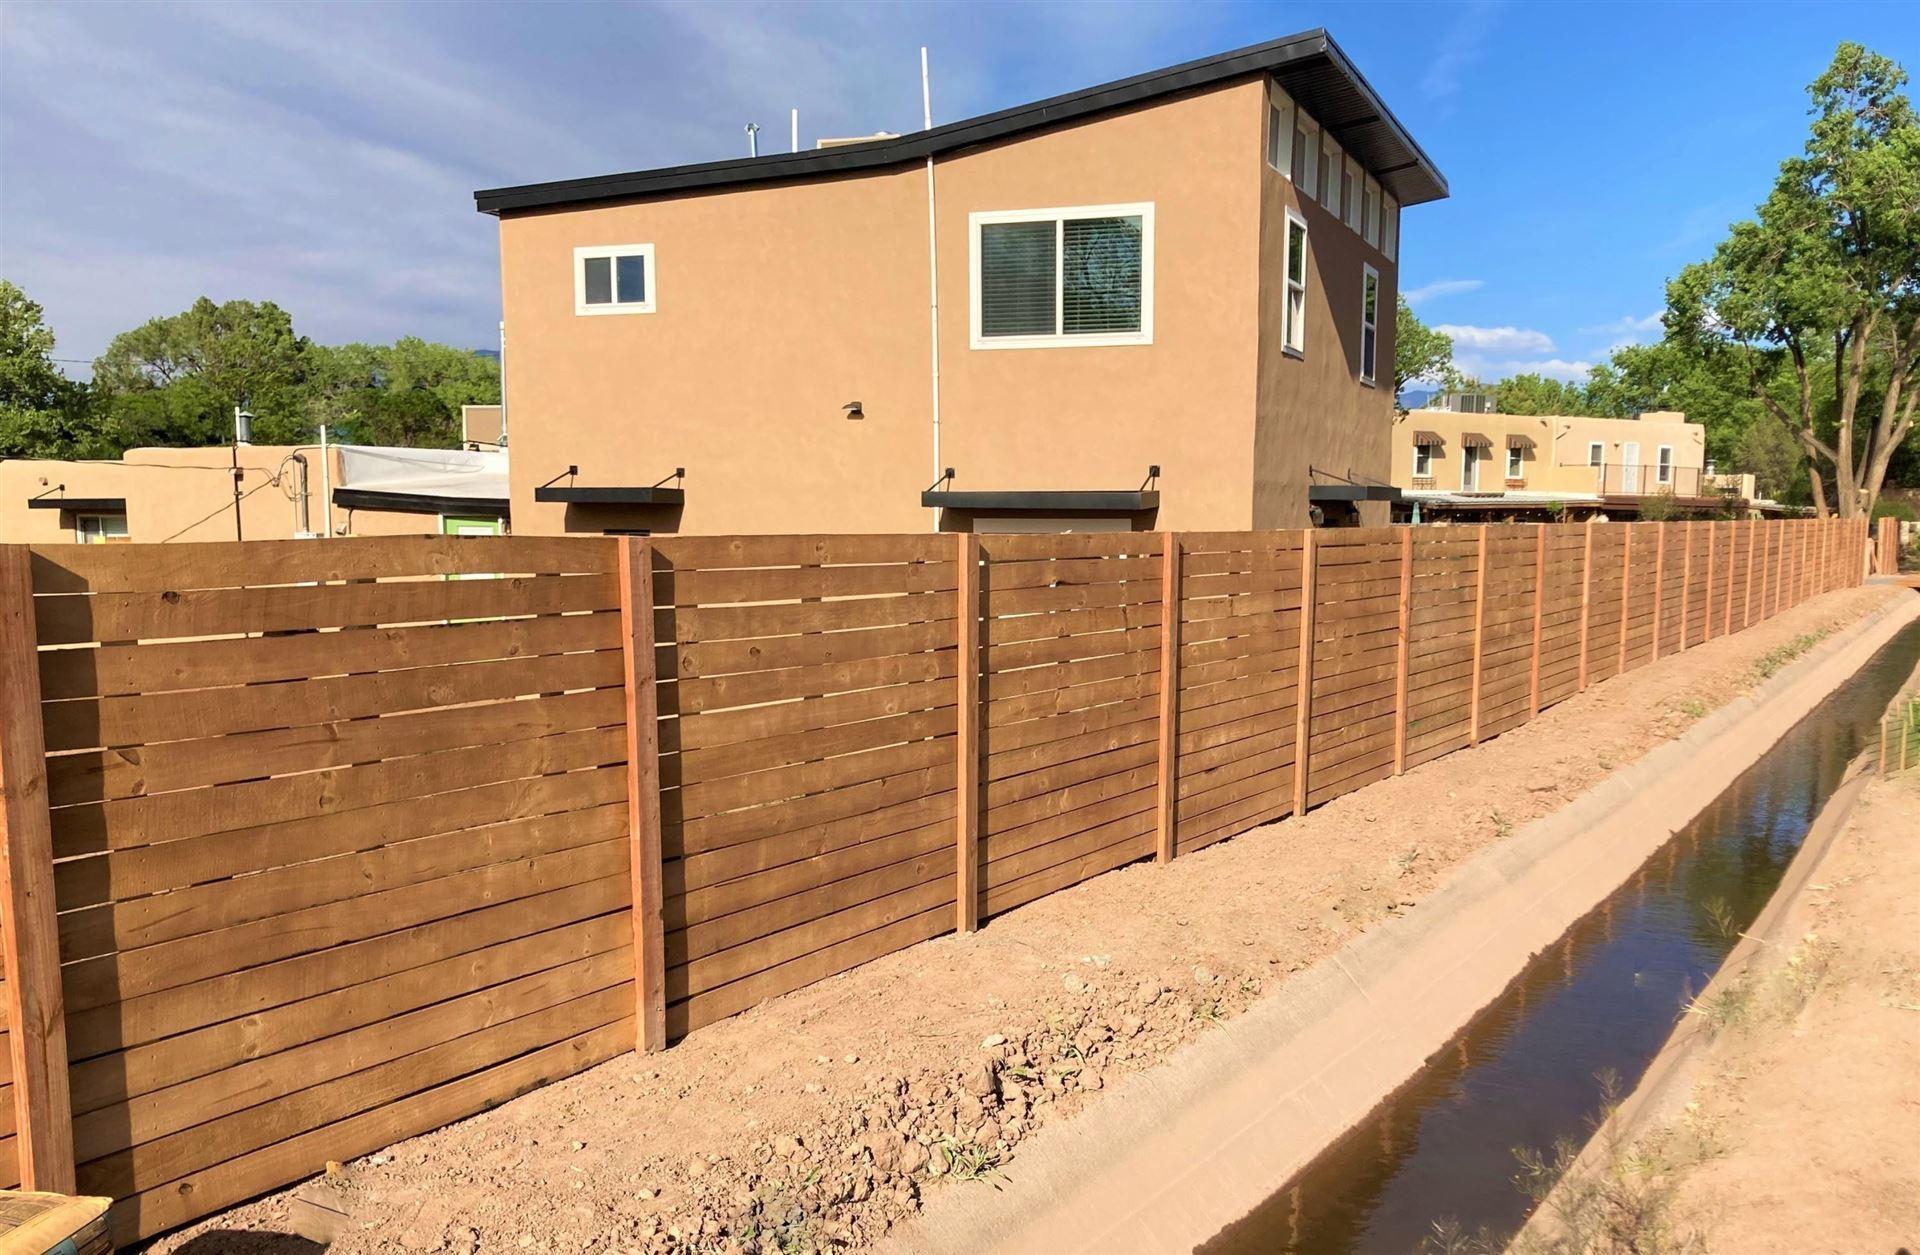 Photo of 1403 AVENIDA CRISTO REY NW, Albuquerque, NM 87107 (MLS # 994825)